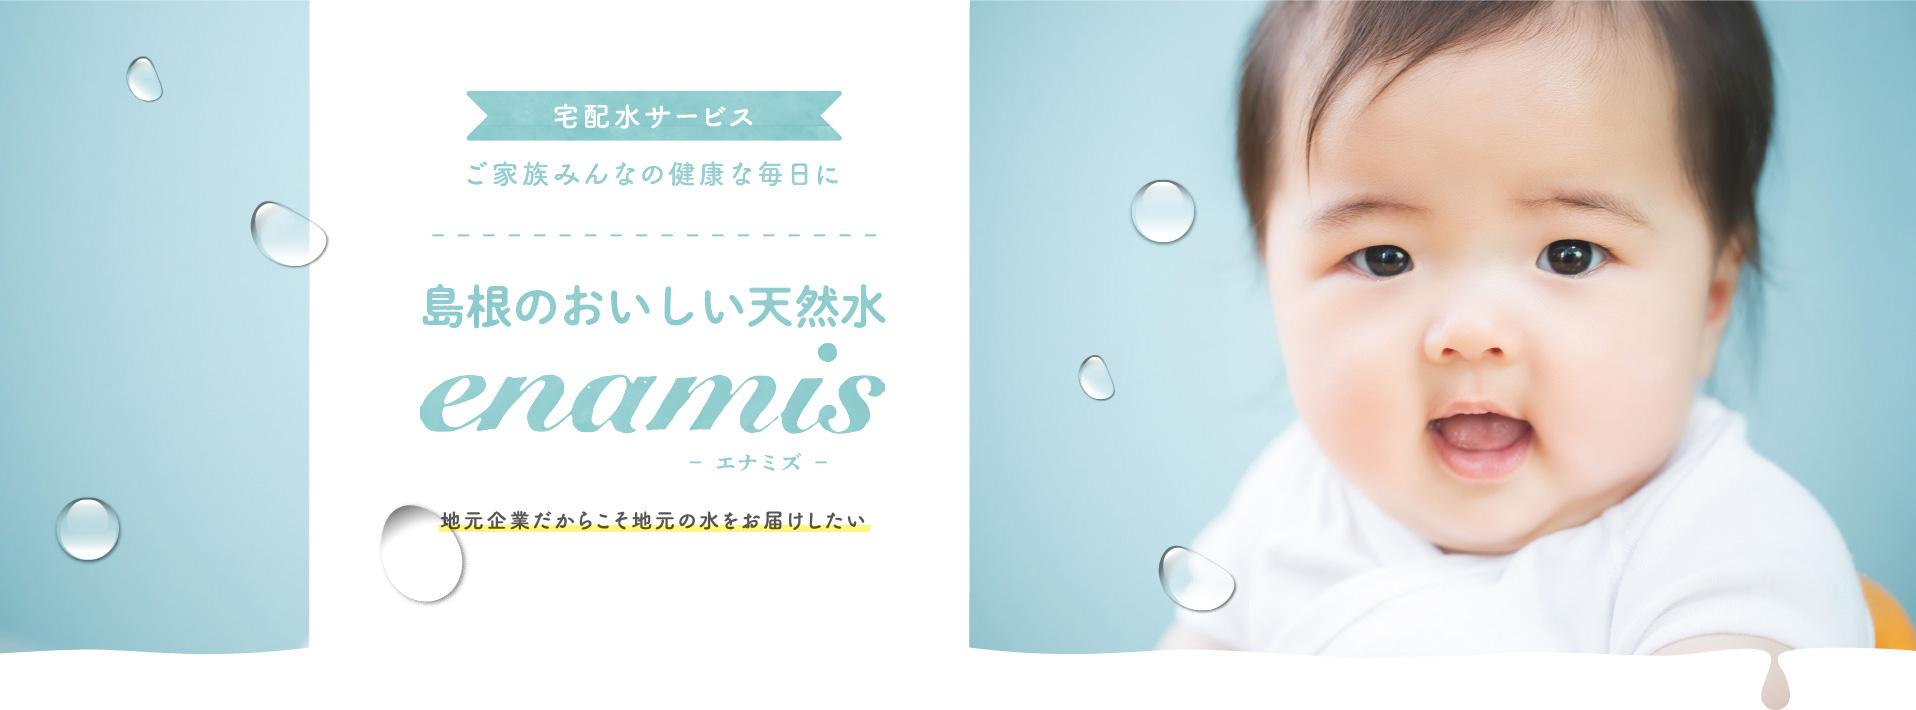 島根のおいしい天然水 enamis